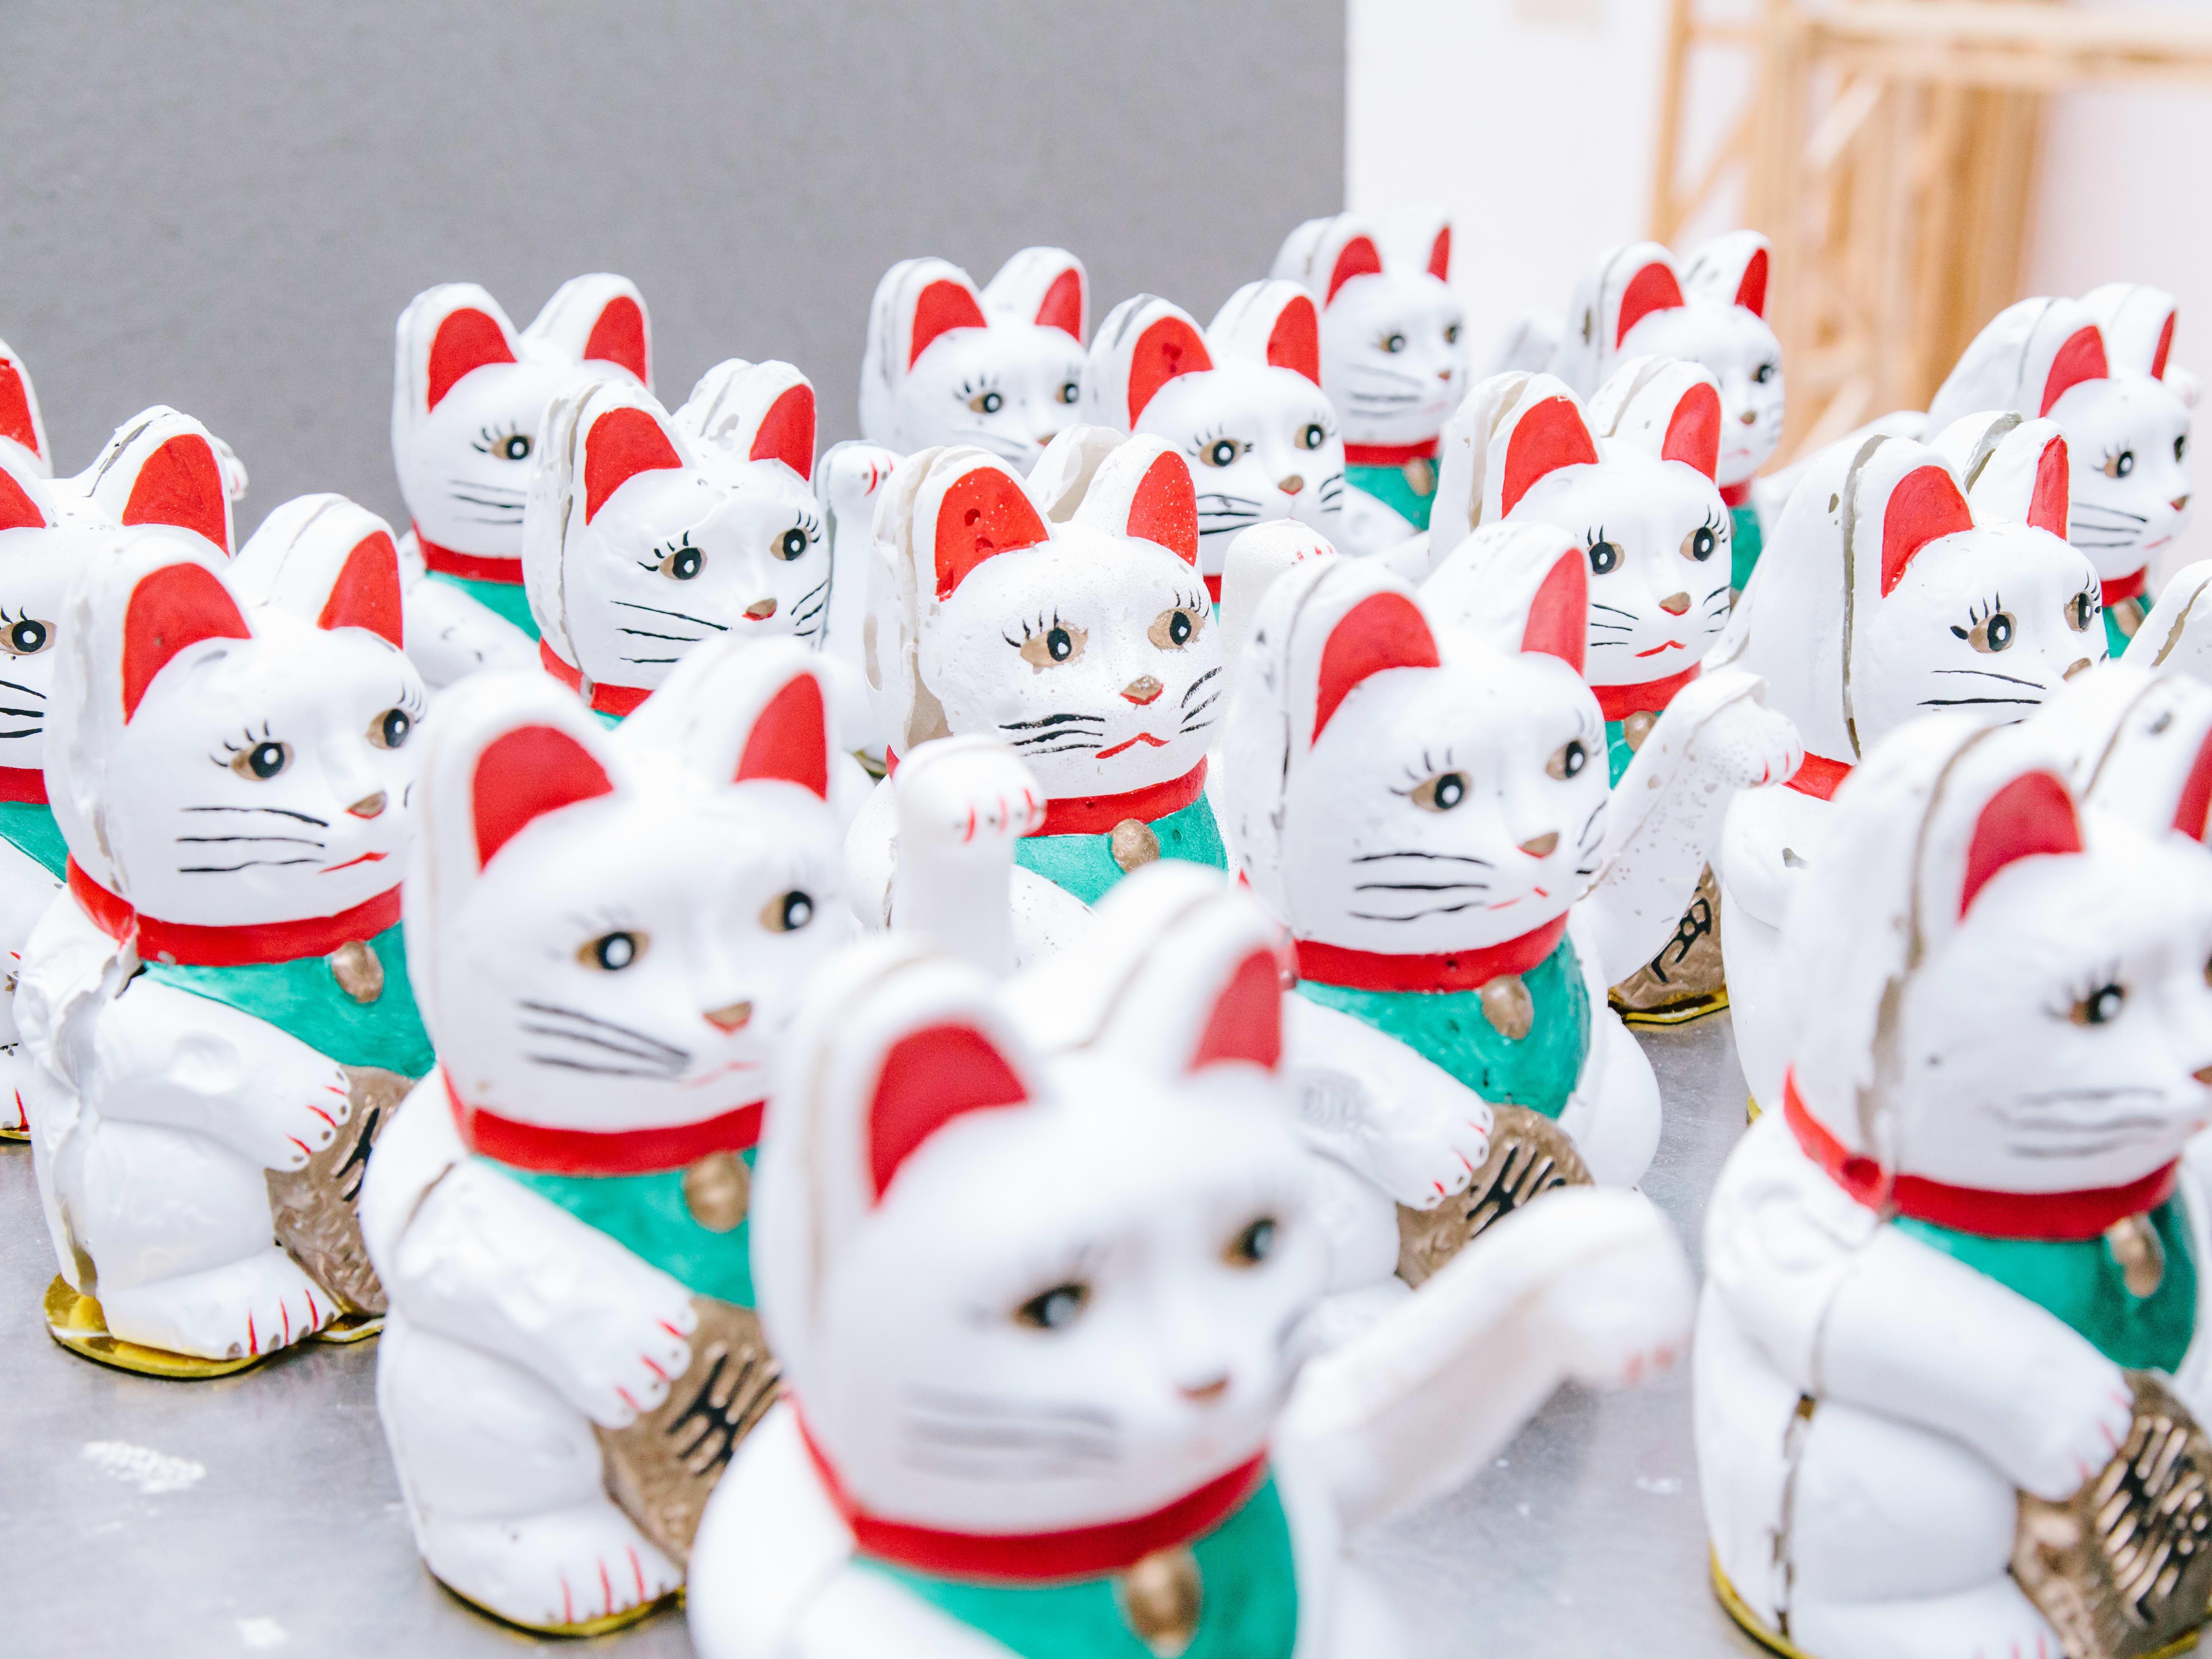 A crowd of maneki-nekos